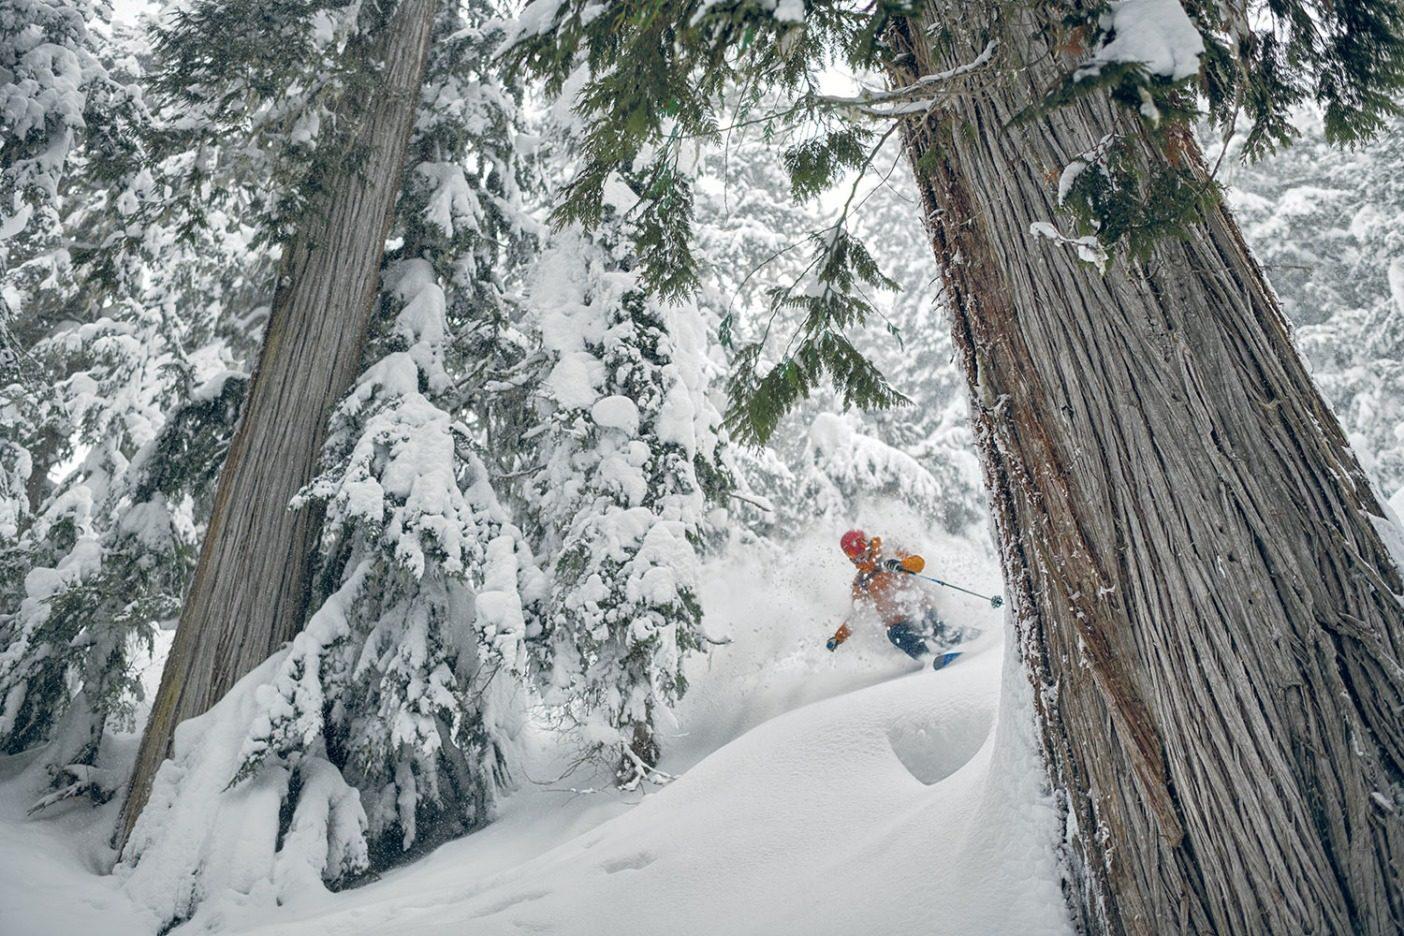 スギの老齢樹のあいだをターンしながら巧みなポーズを決めるエヴァンス。樹齢120 〜250 年というこれらの老木のなかでスキーをすることは、積雪の標高が上がりつづけるブリティッシュ・コロンビアでは稀になっている。 Photo: Garrett Grove